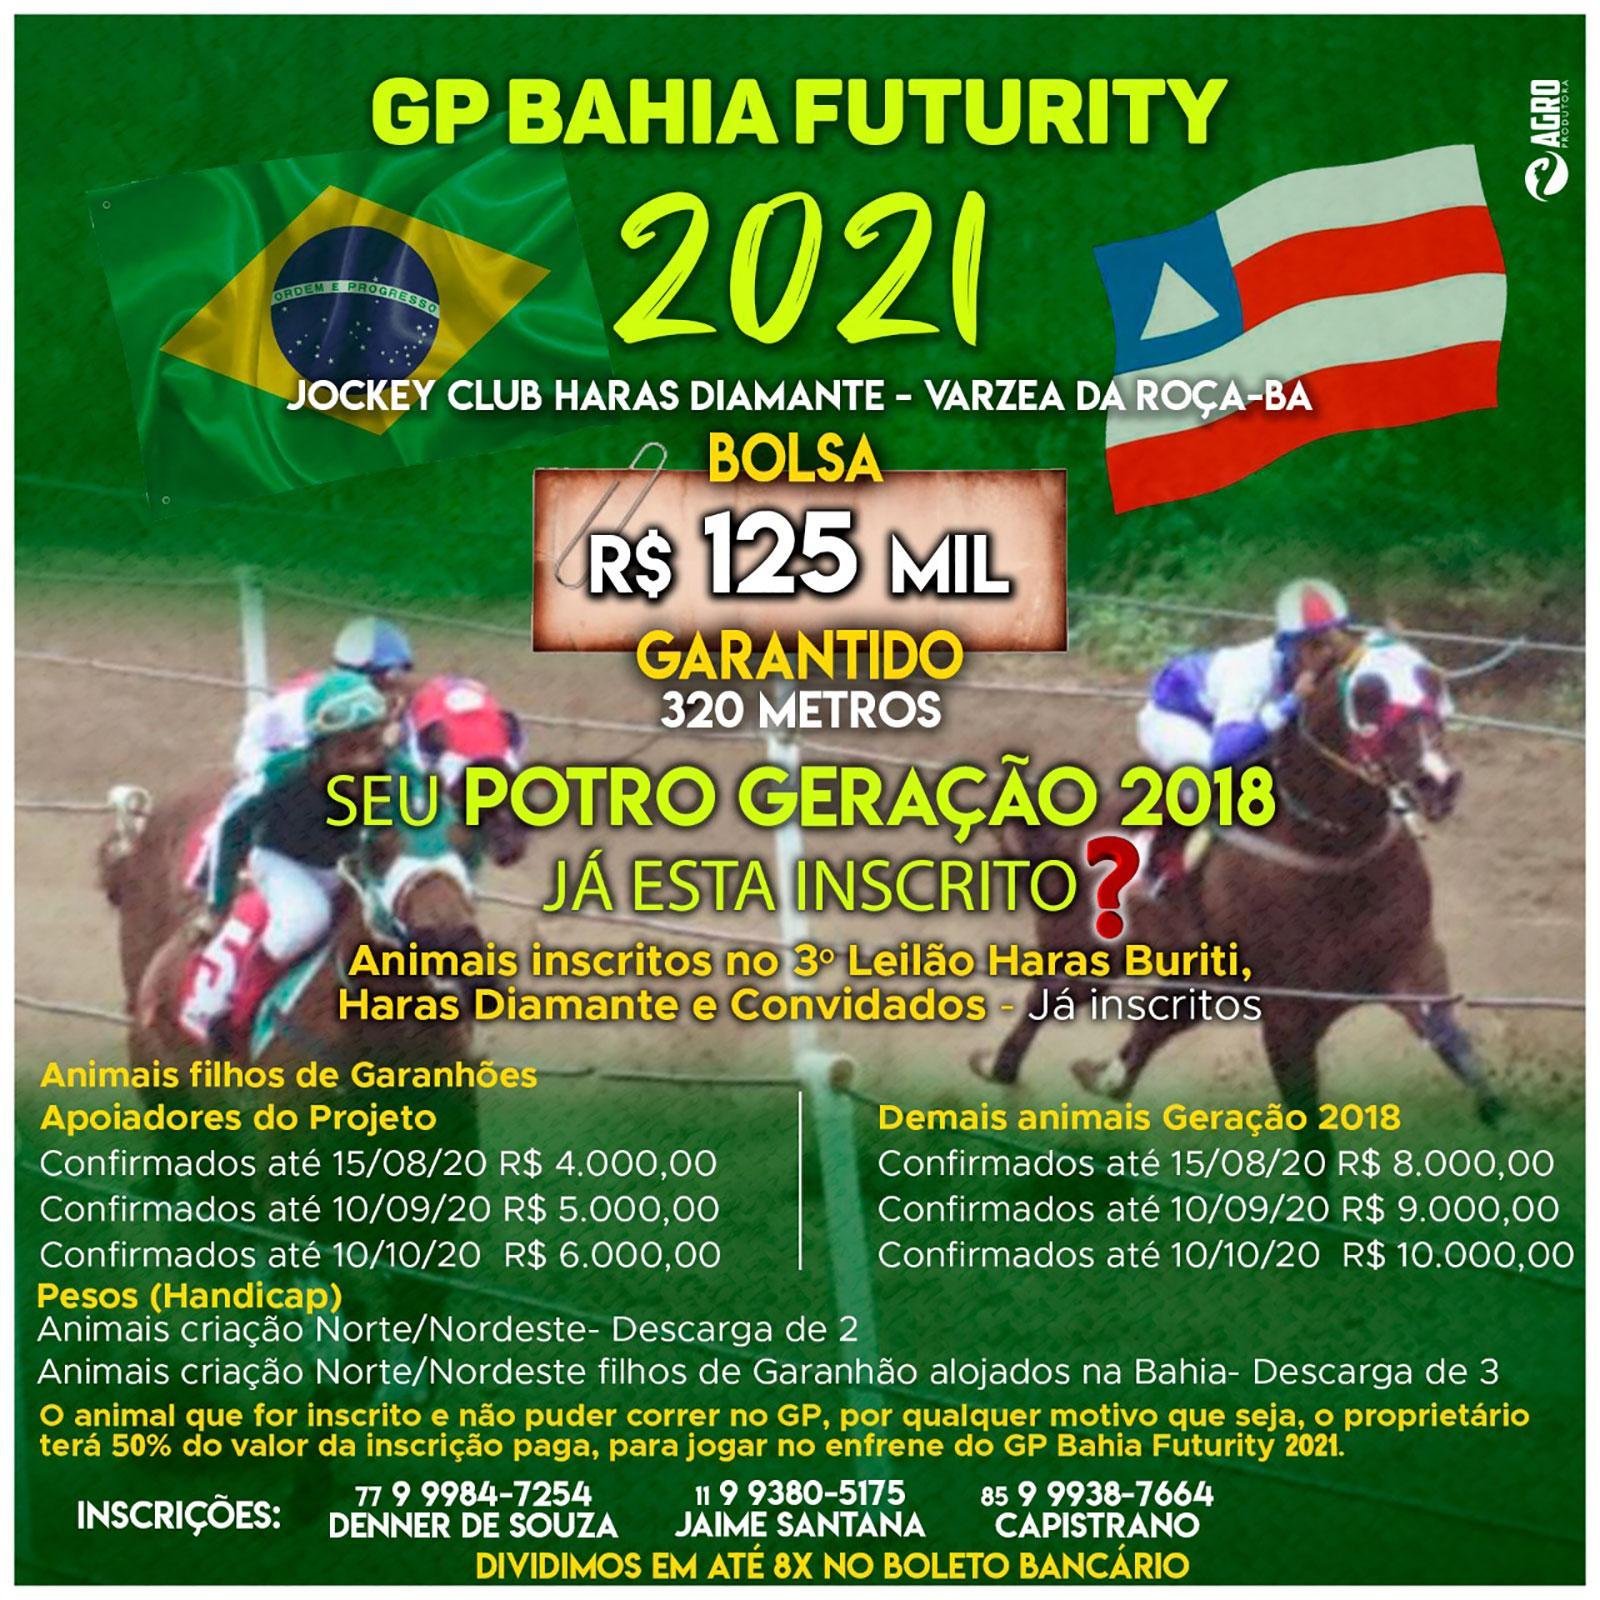 GP BAHIA FUTURITY 2021